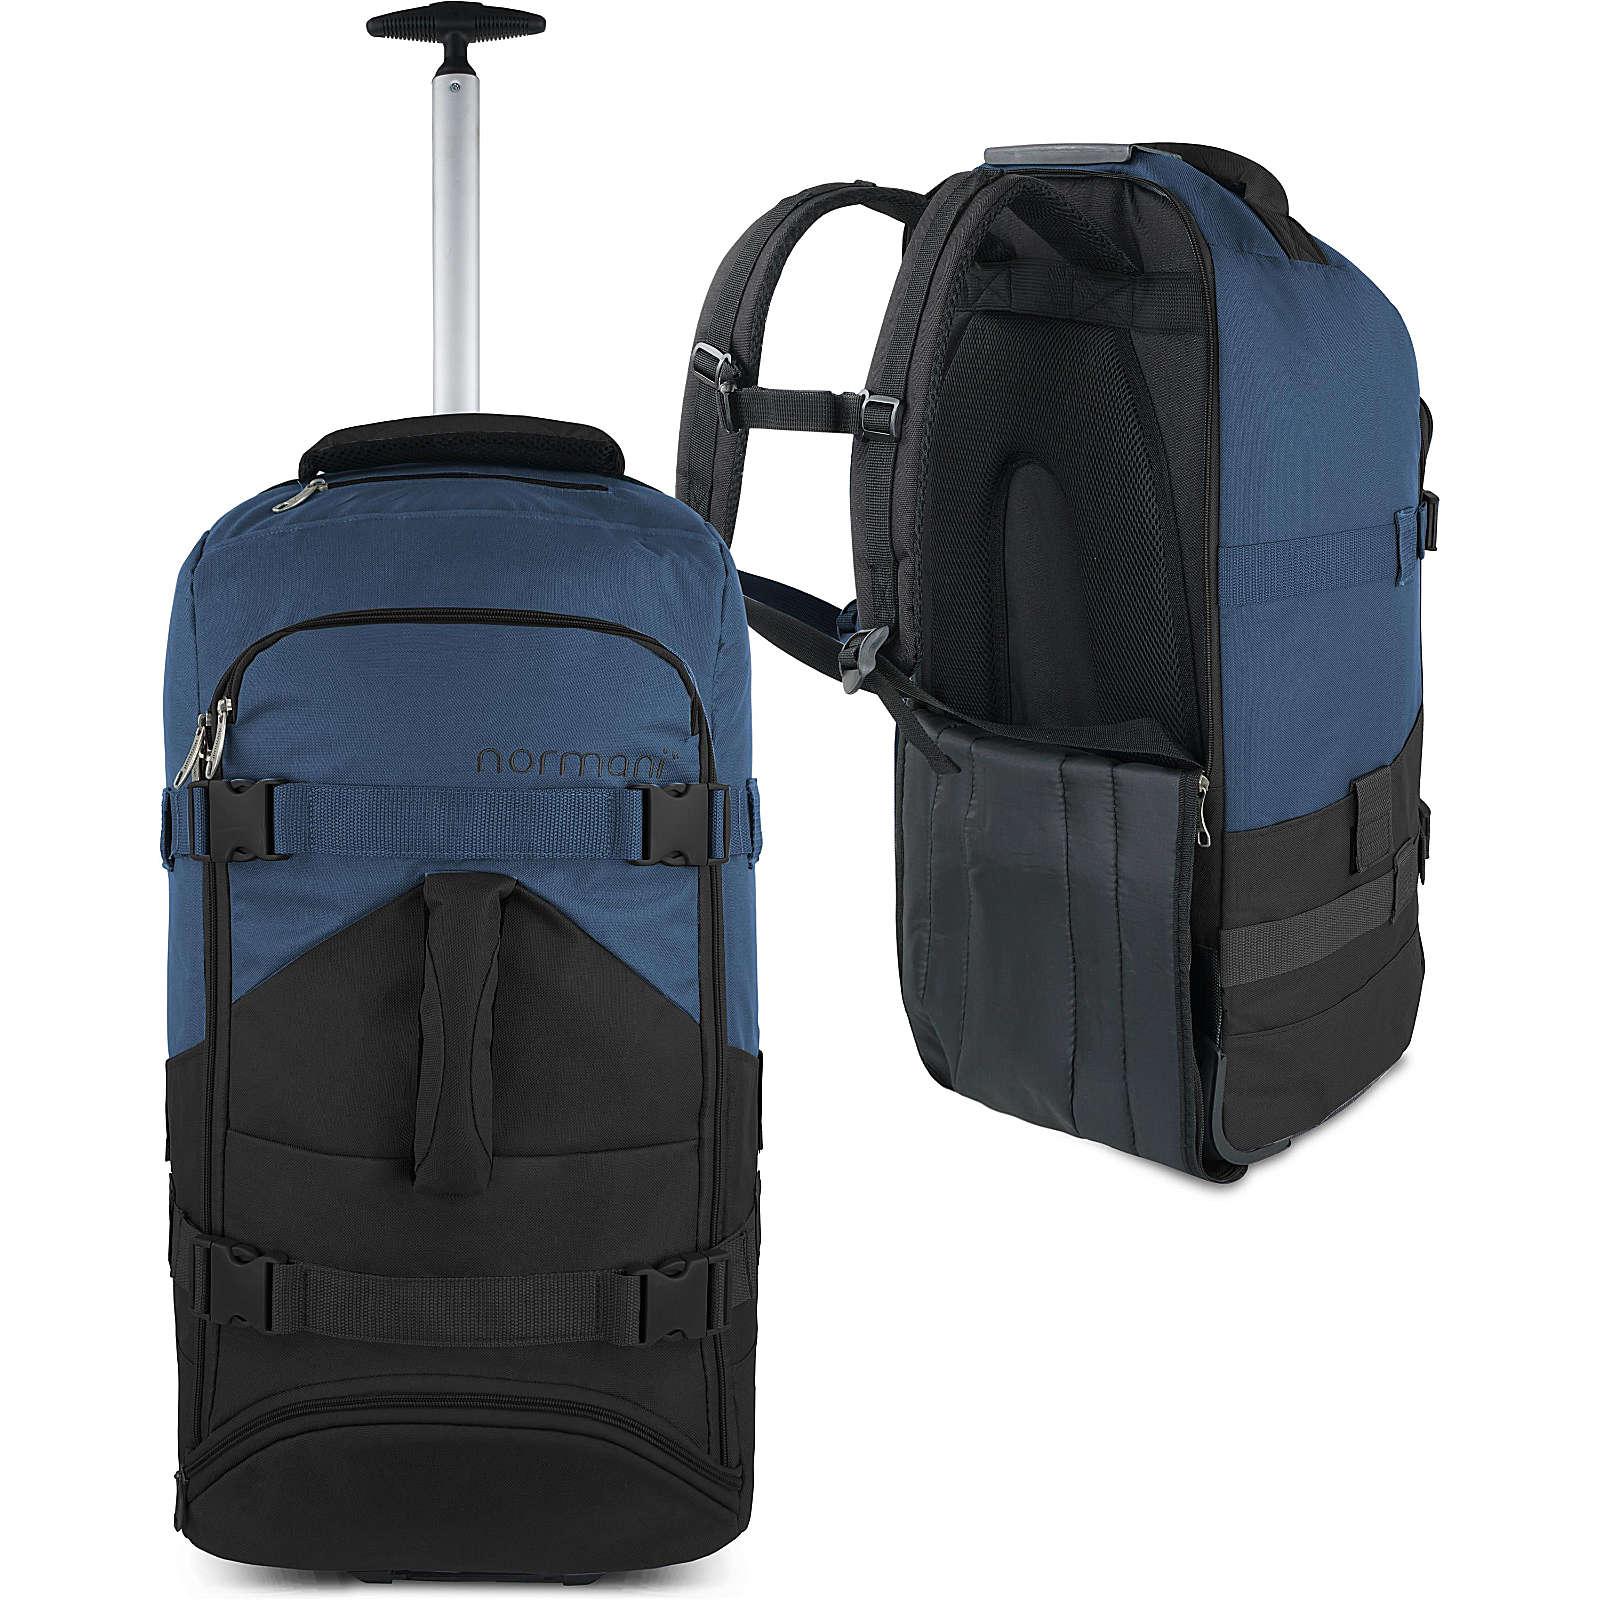 normani® Reisetasche mit Rucksackfunktion 60 Liter Melano Reisetaschen schwarz/grau